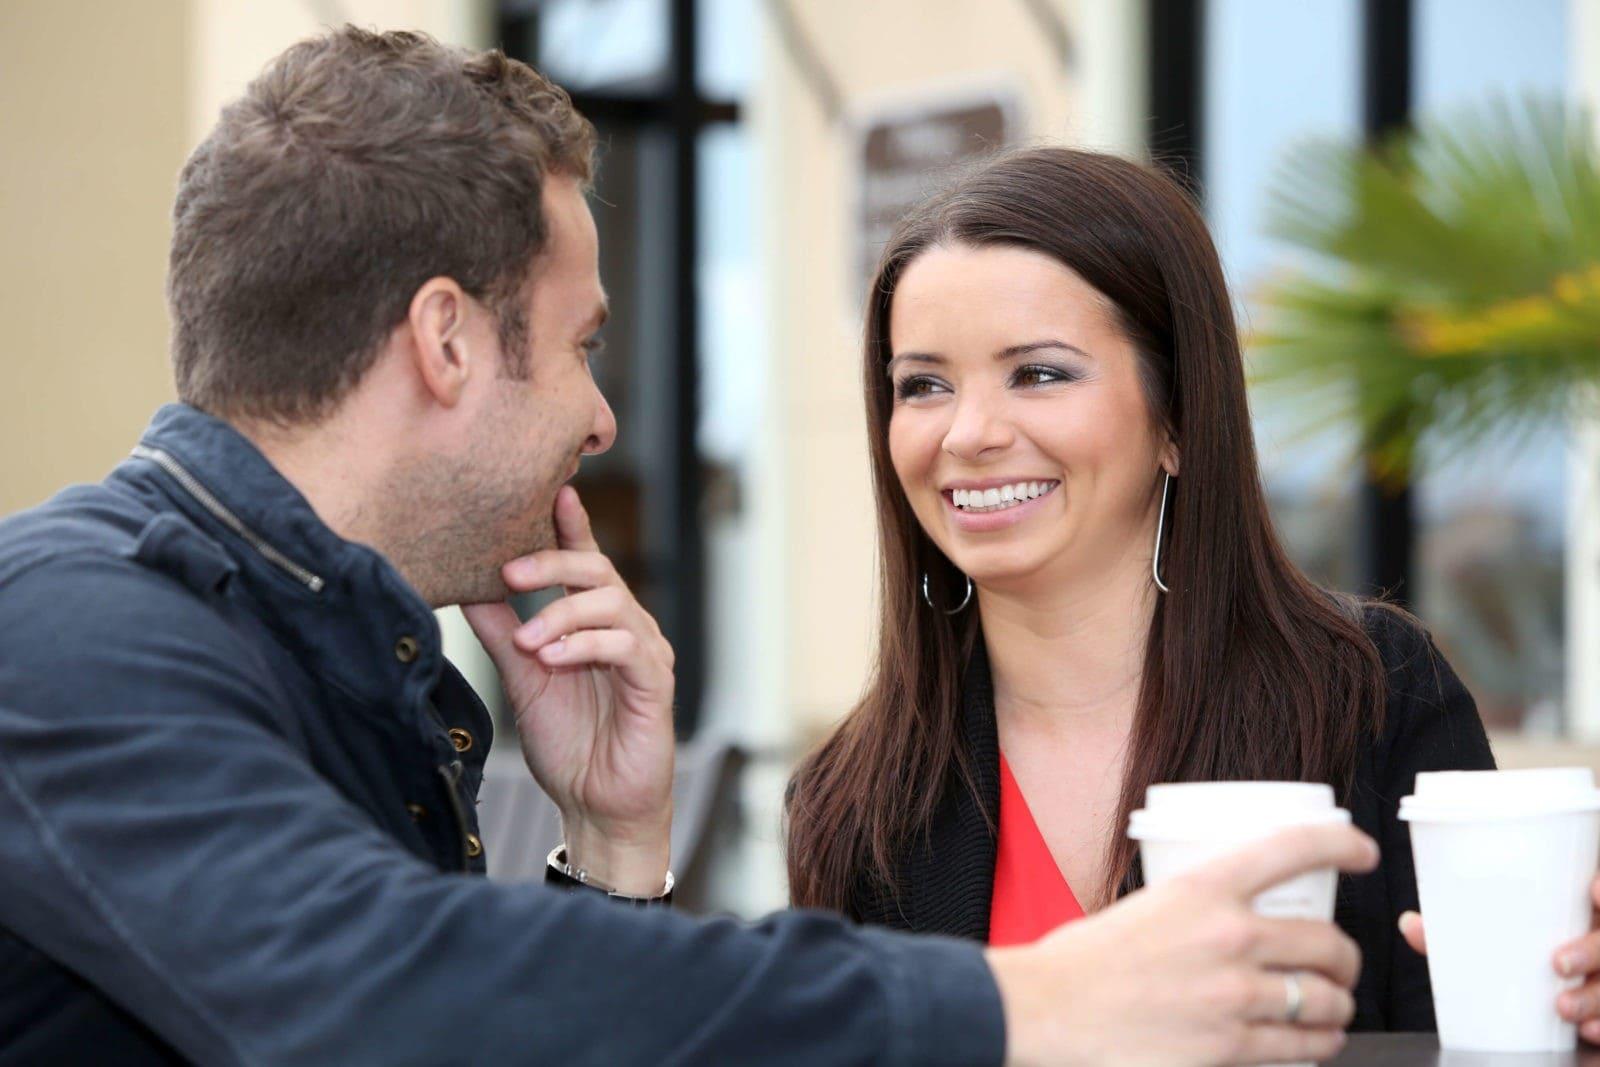 почему мужчины не знакомятся с красивыми девушками